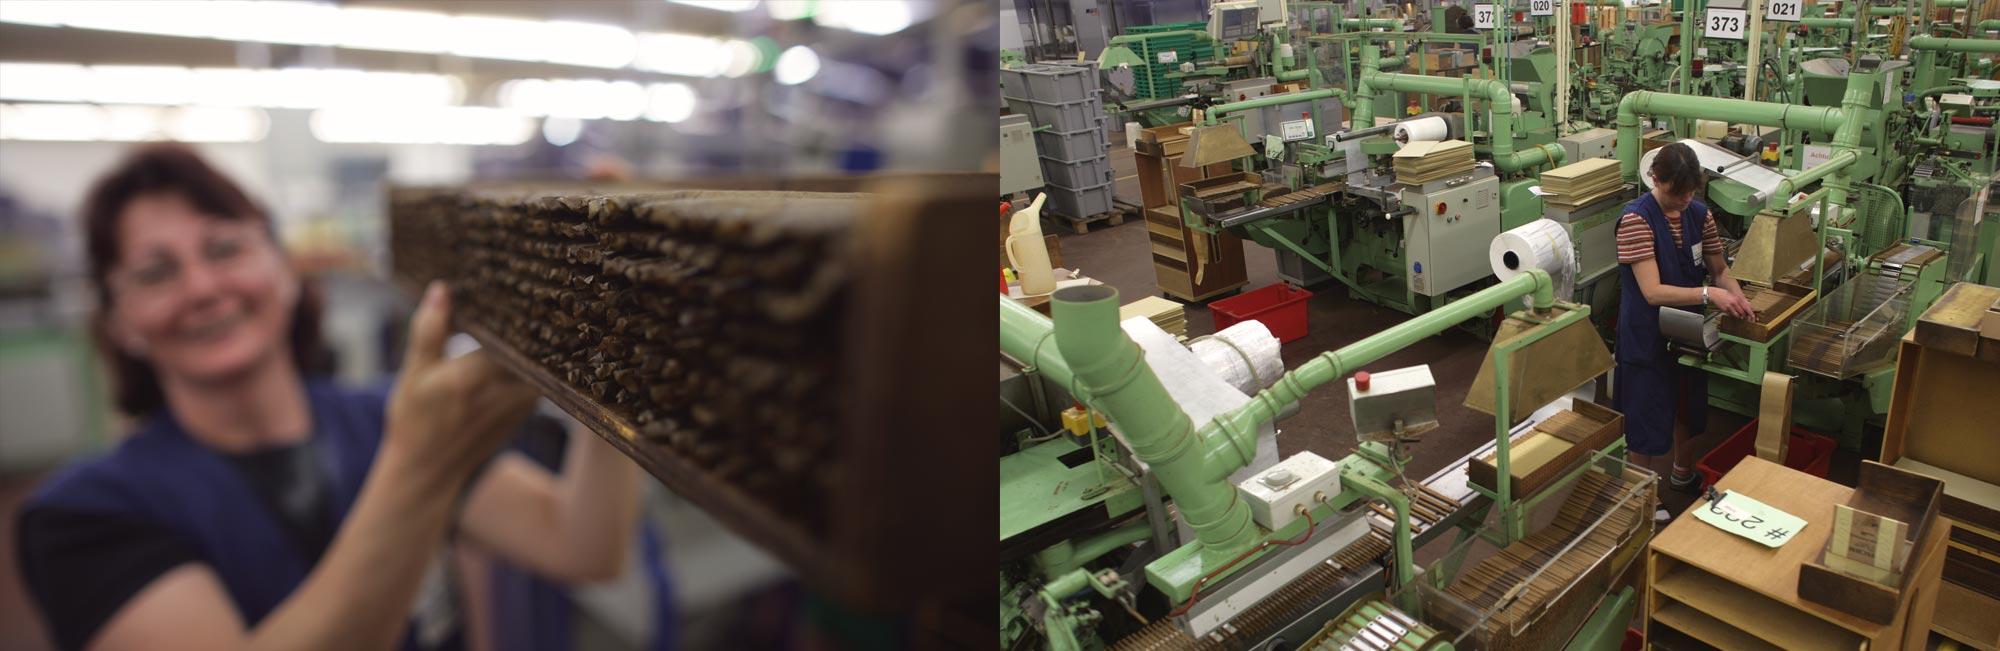 Zigarren-Produktion im Werk Königslutter